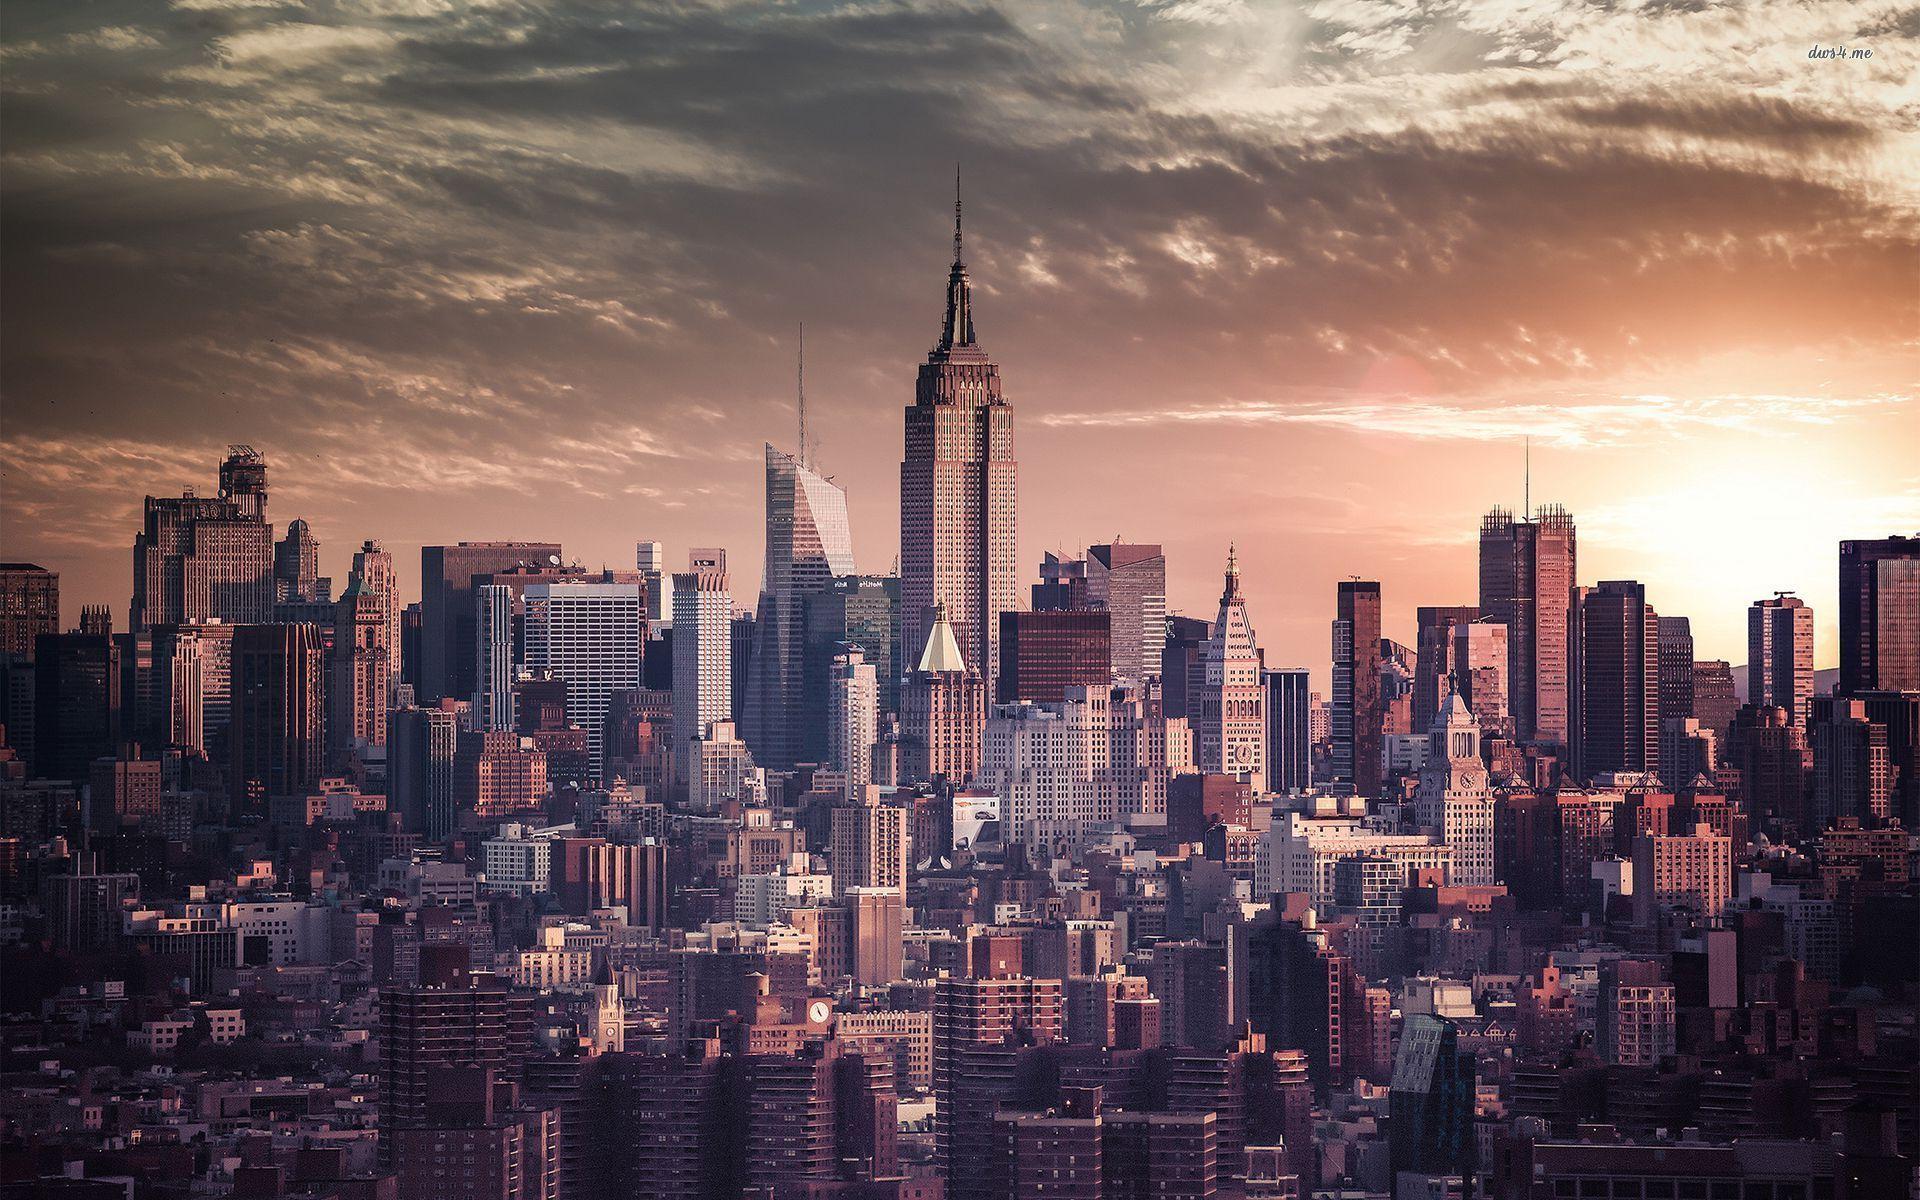 49 4k New York Wallpaper On Wallpapersafari